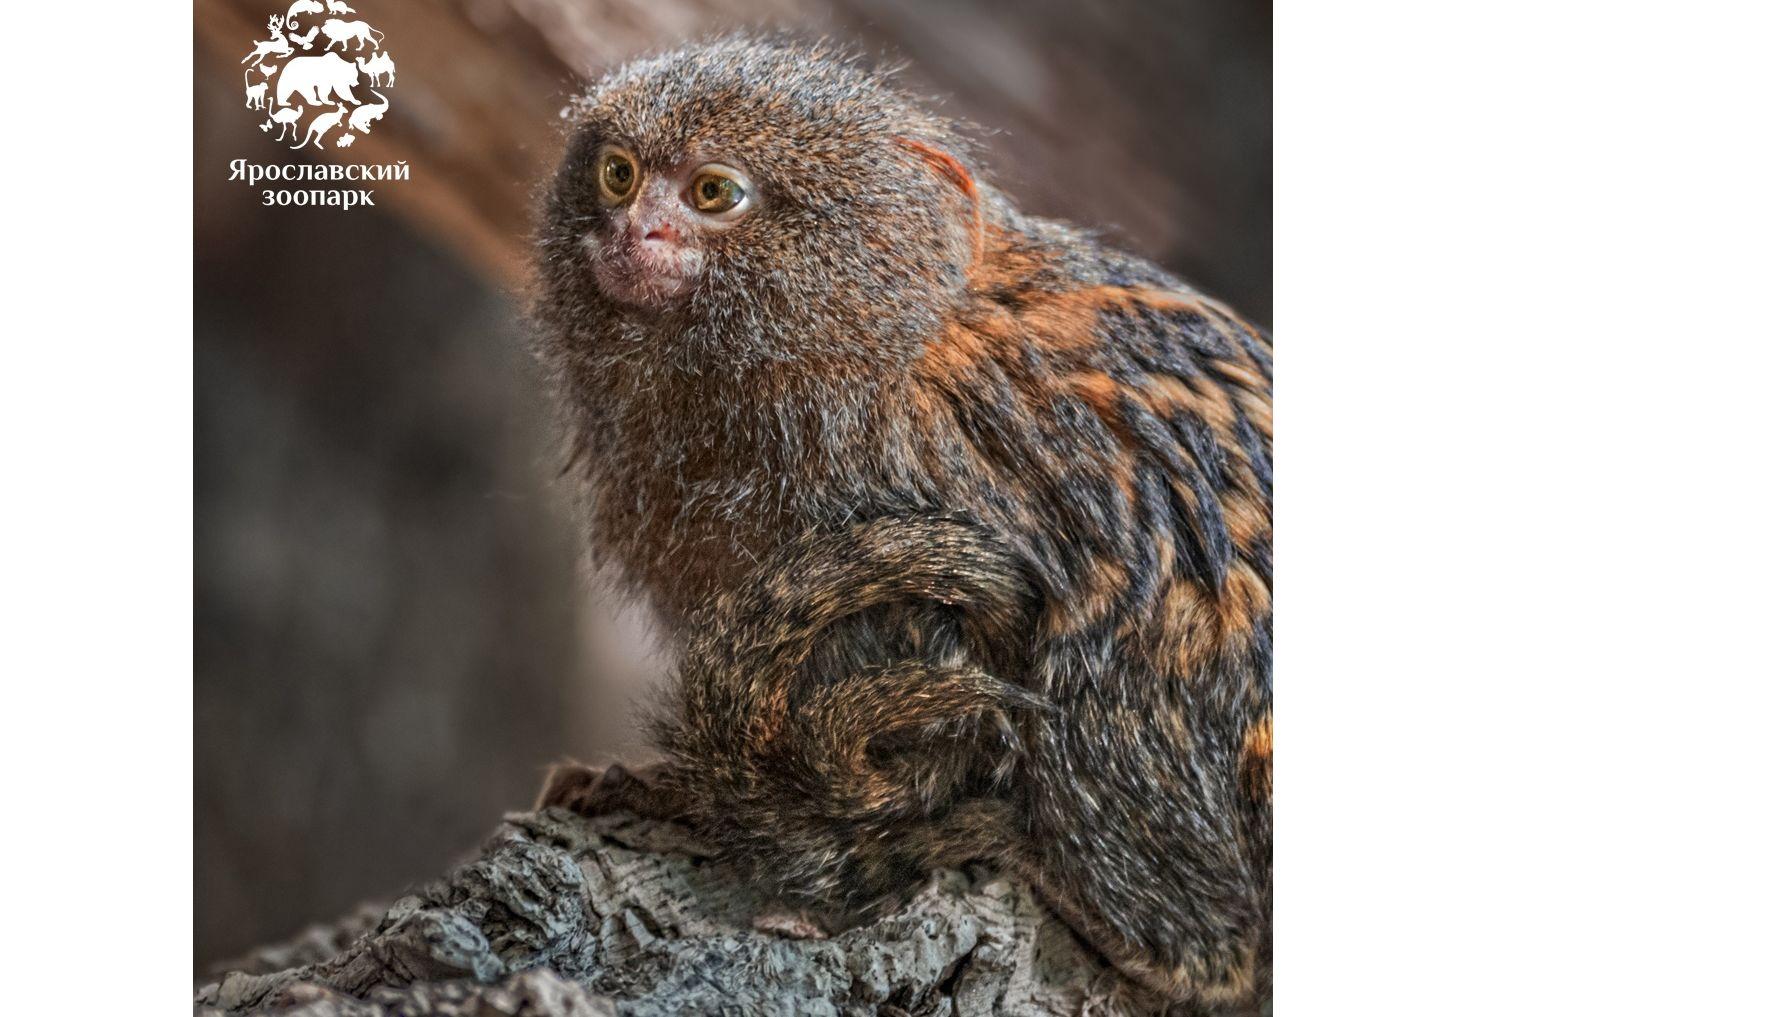 В Ярославский зоопарк привезли маленьких обезьянок